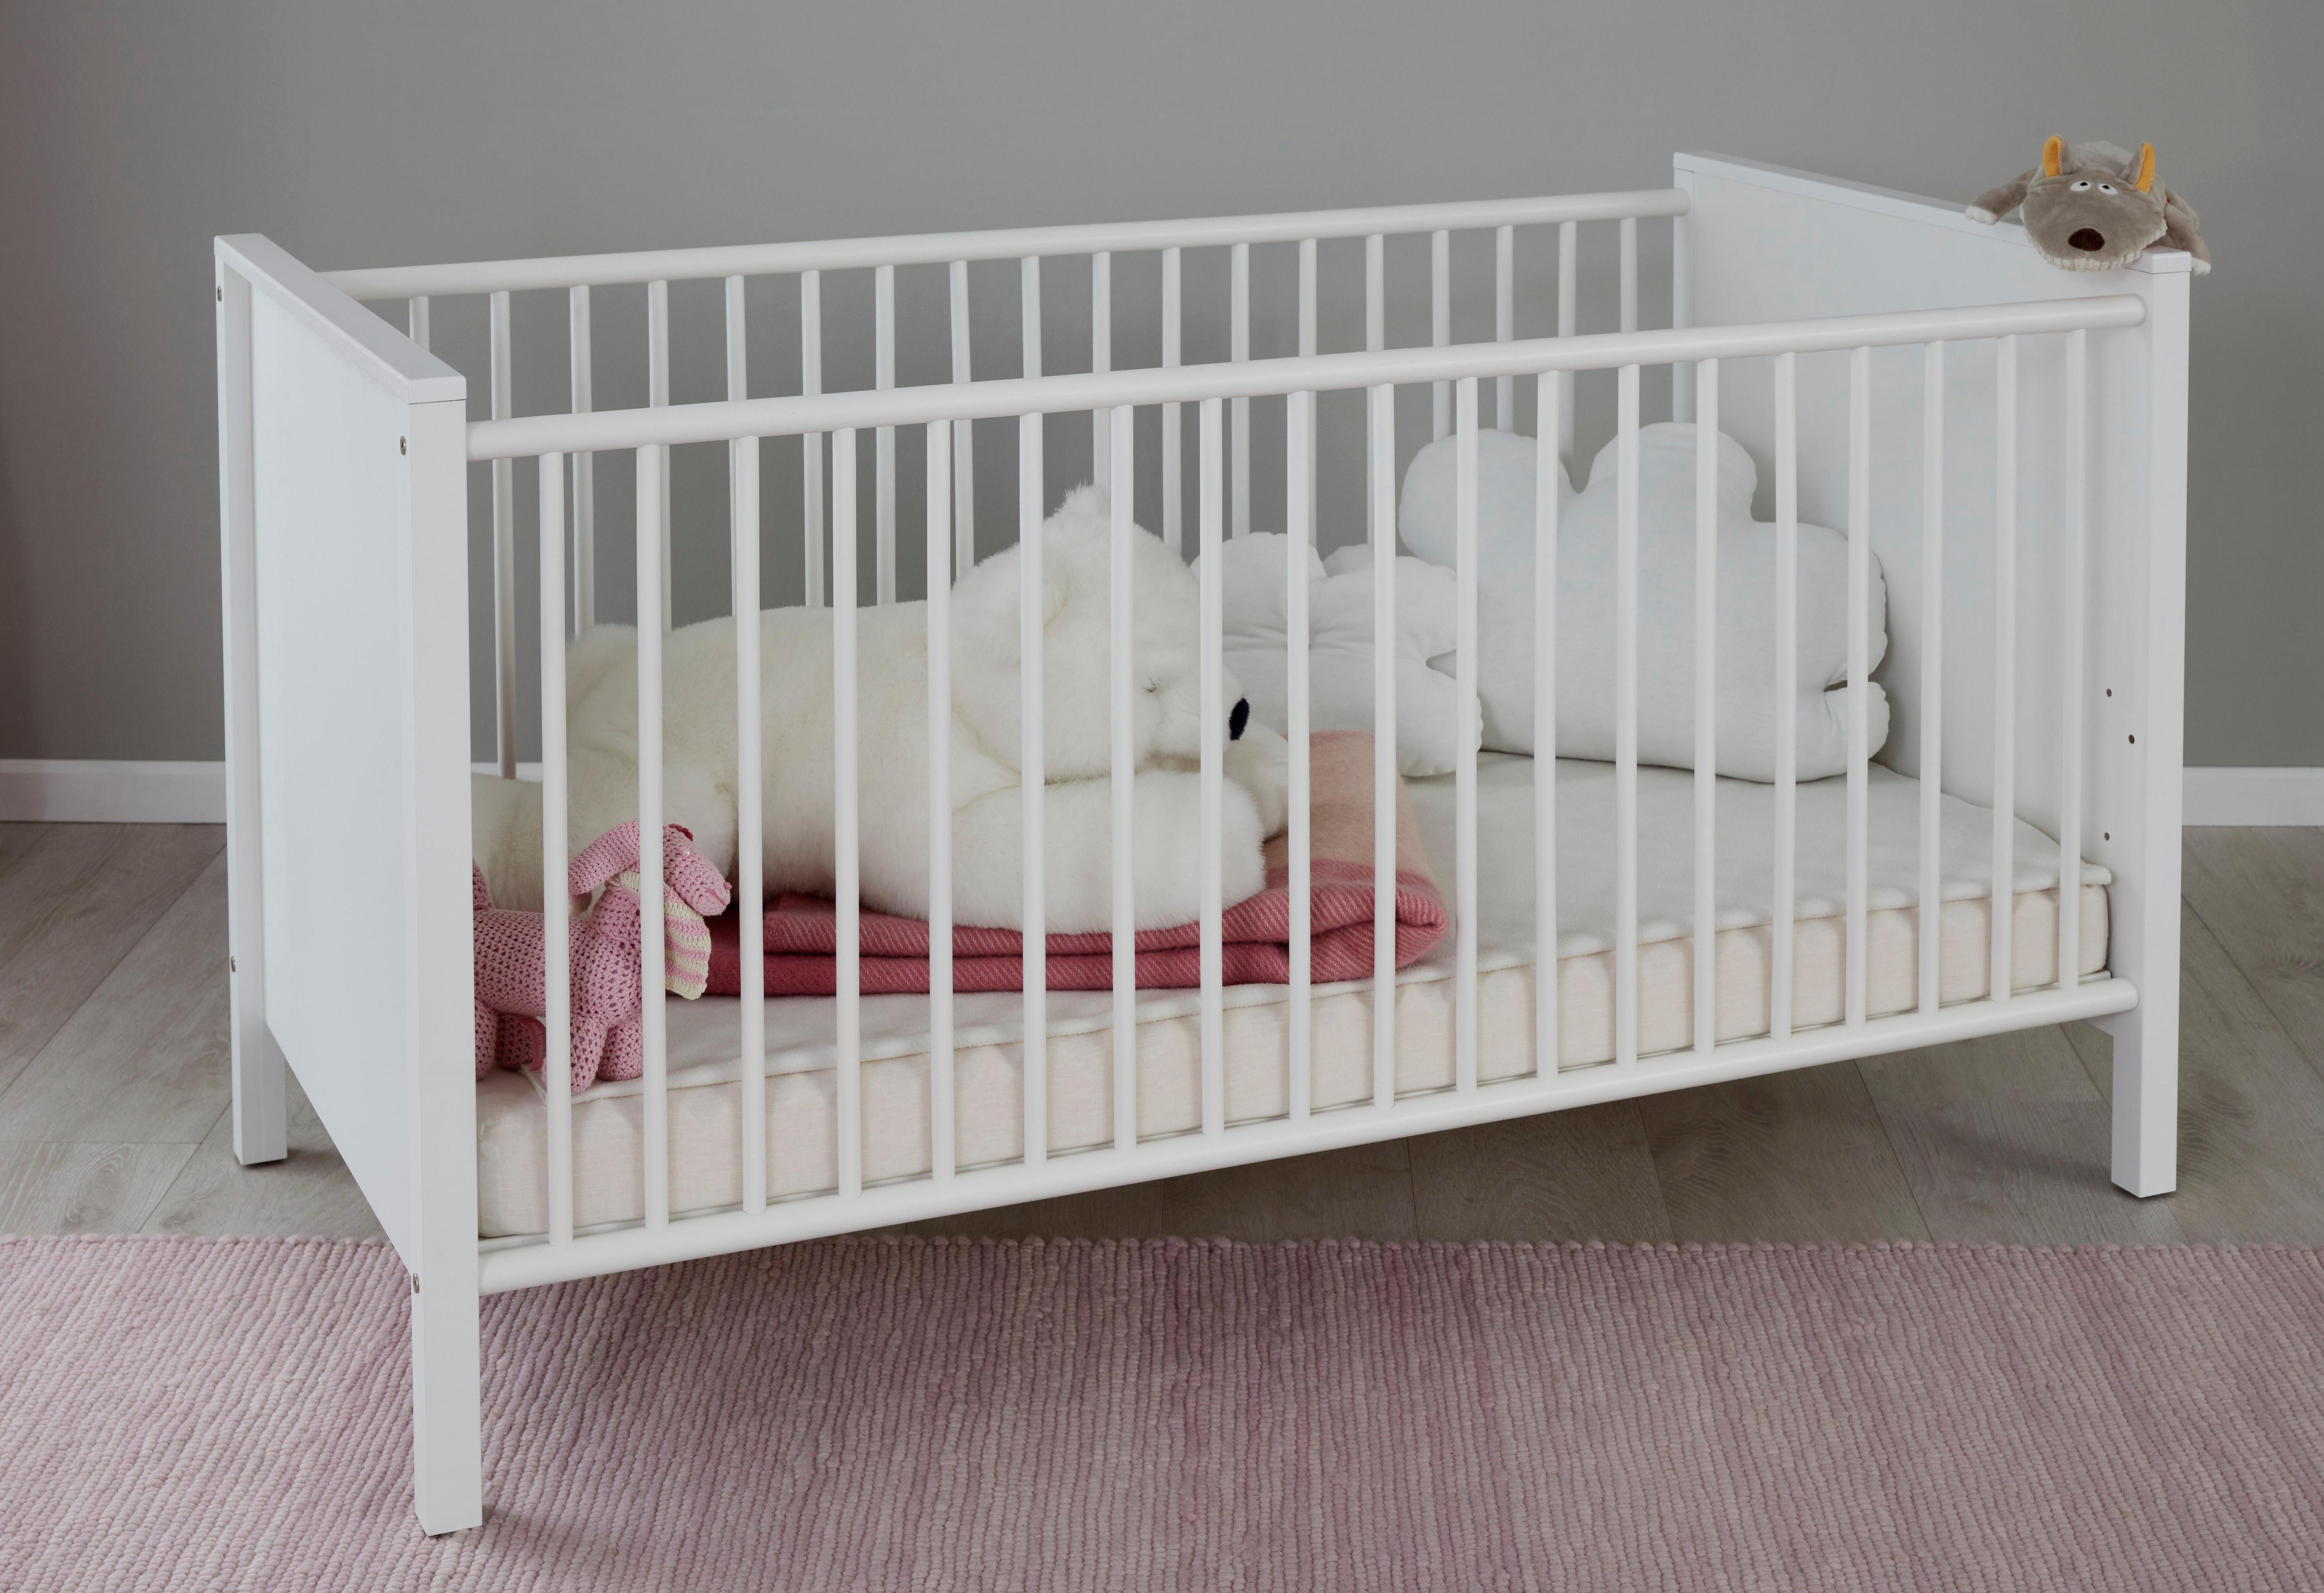 Kinderbett »Westerland« in weiß | Kinderzimmer > Kinderbetten > Kinderbetten | Weiß